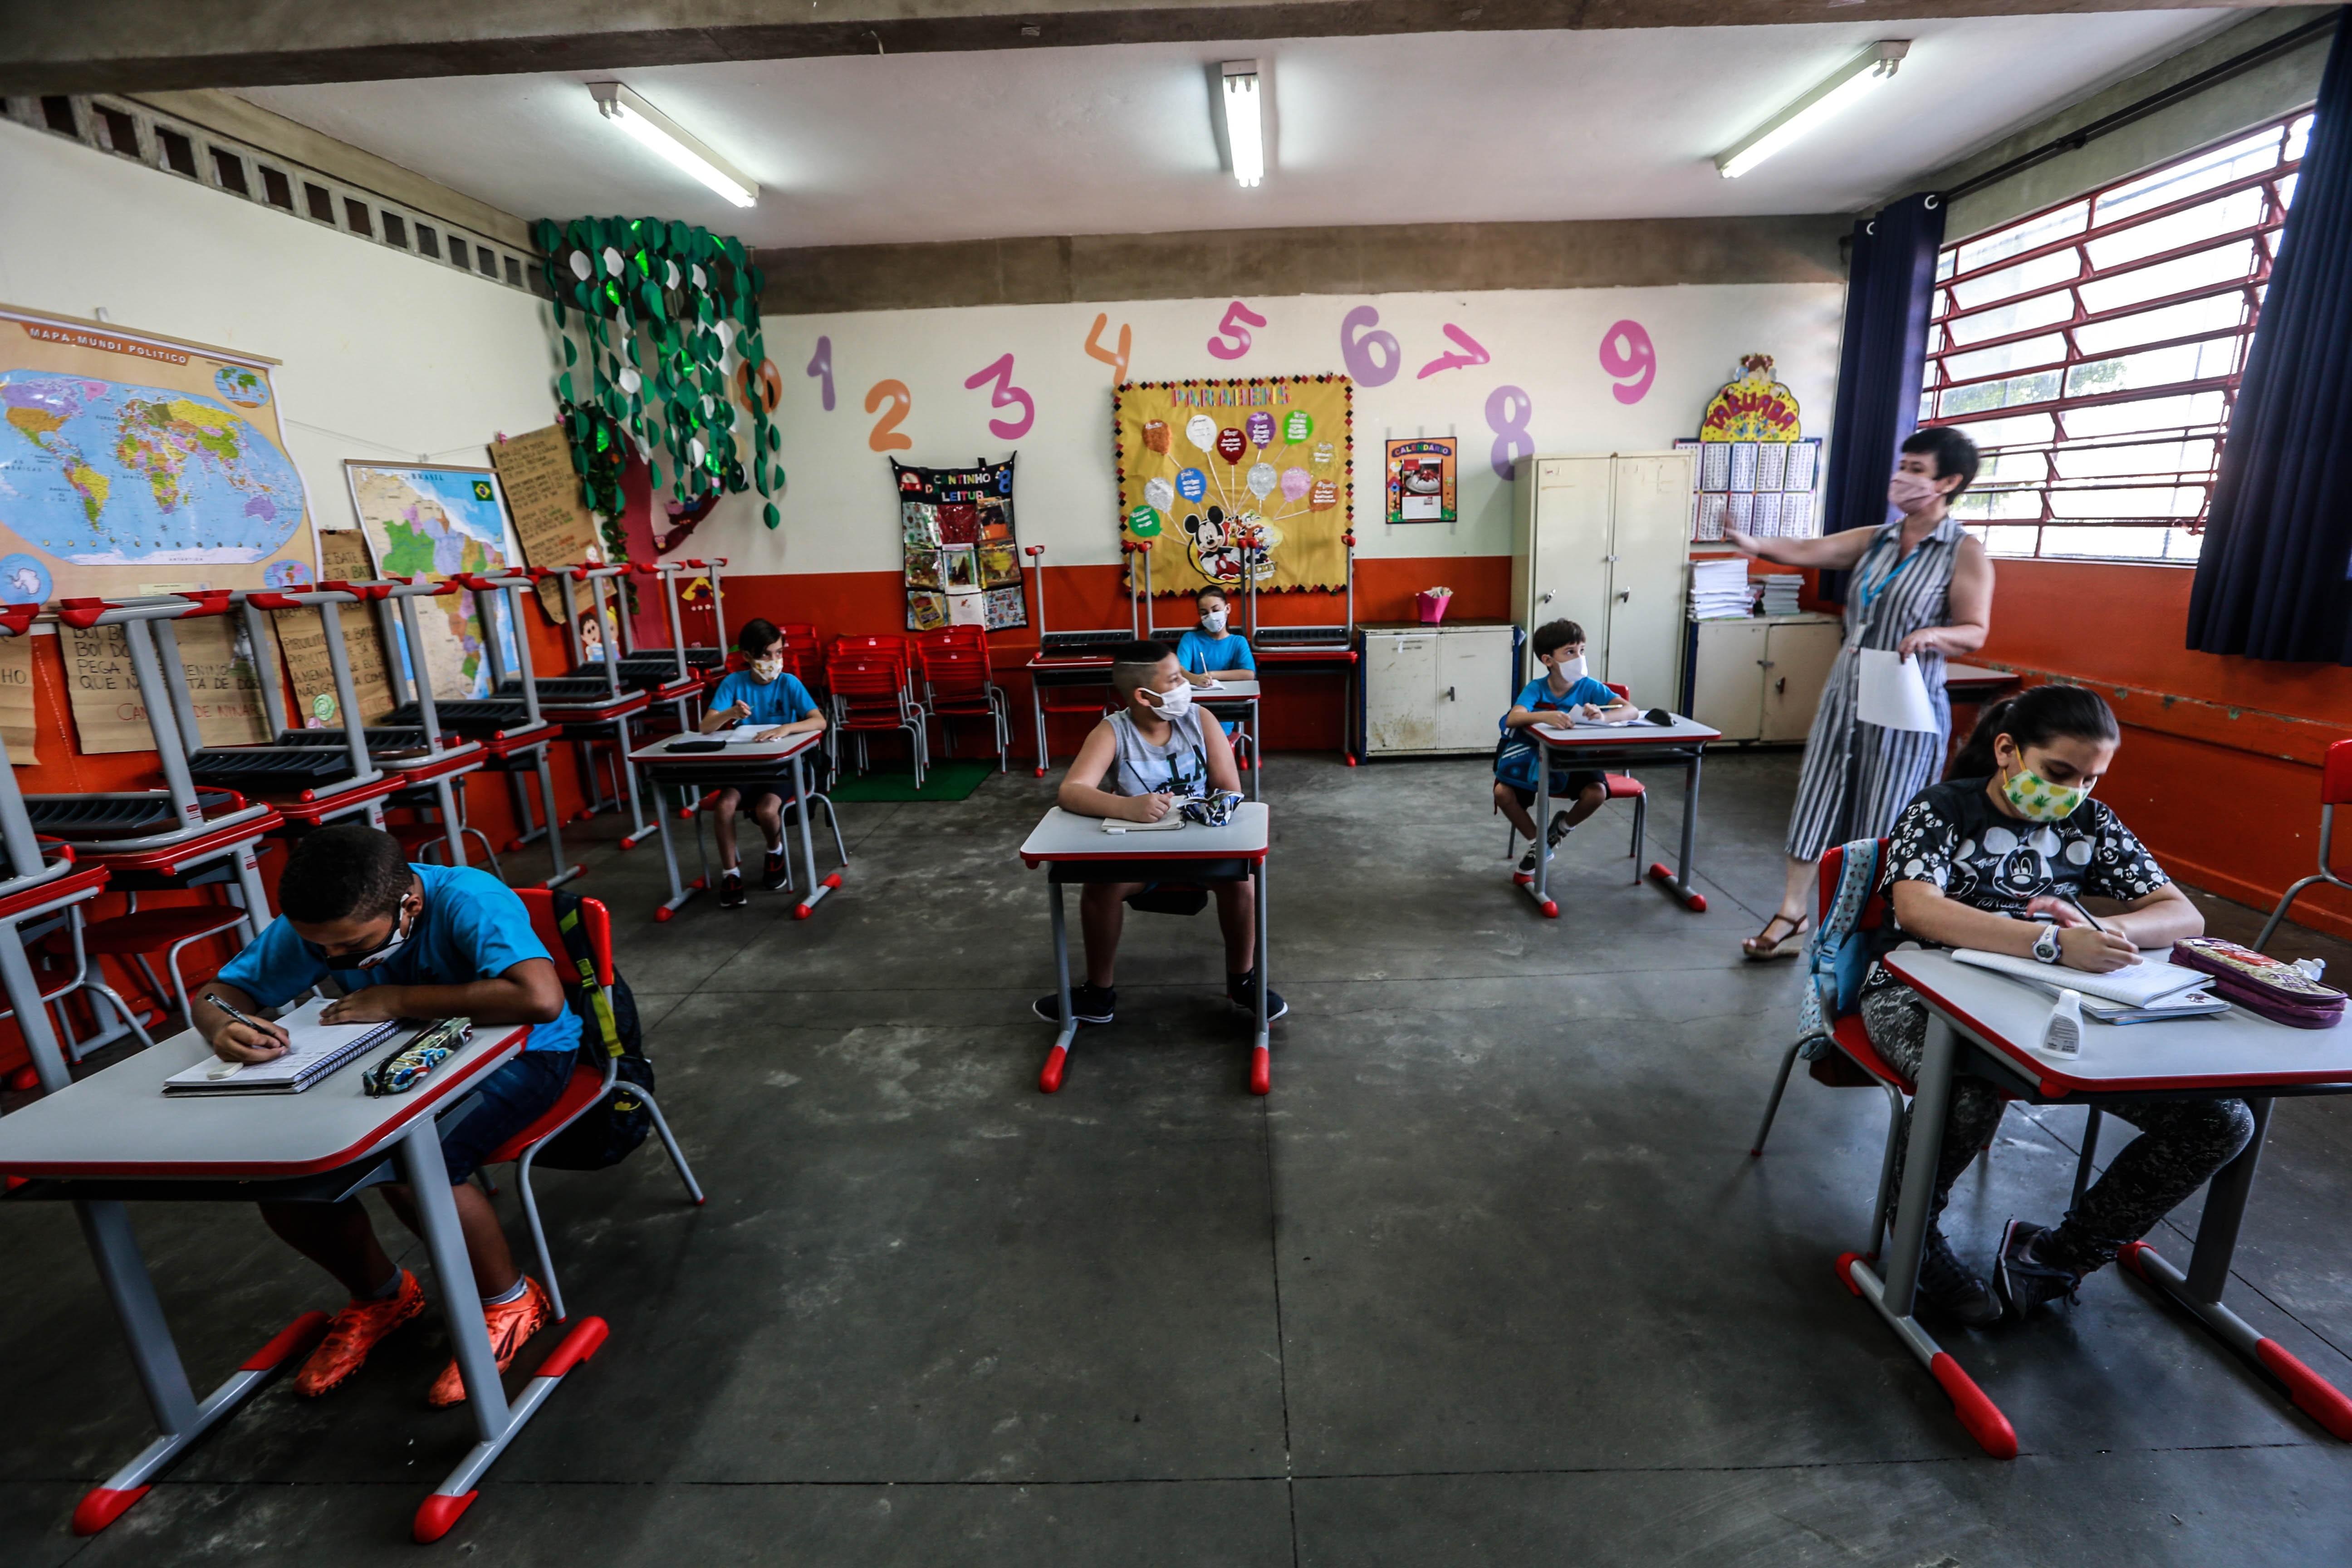 Secretário estadual da Educação de SP diz que pandemia provocou 'tragédia' na educação e quer 'escolas cheias de novo'